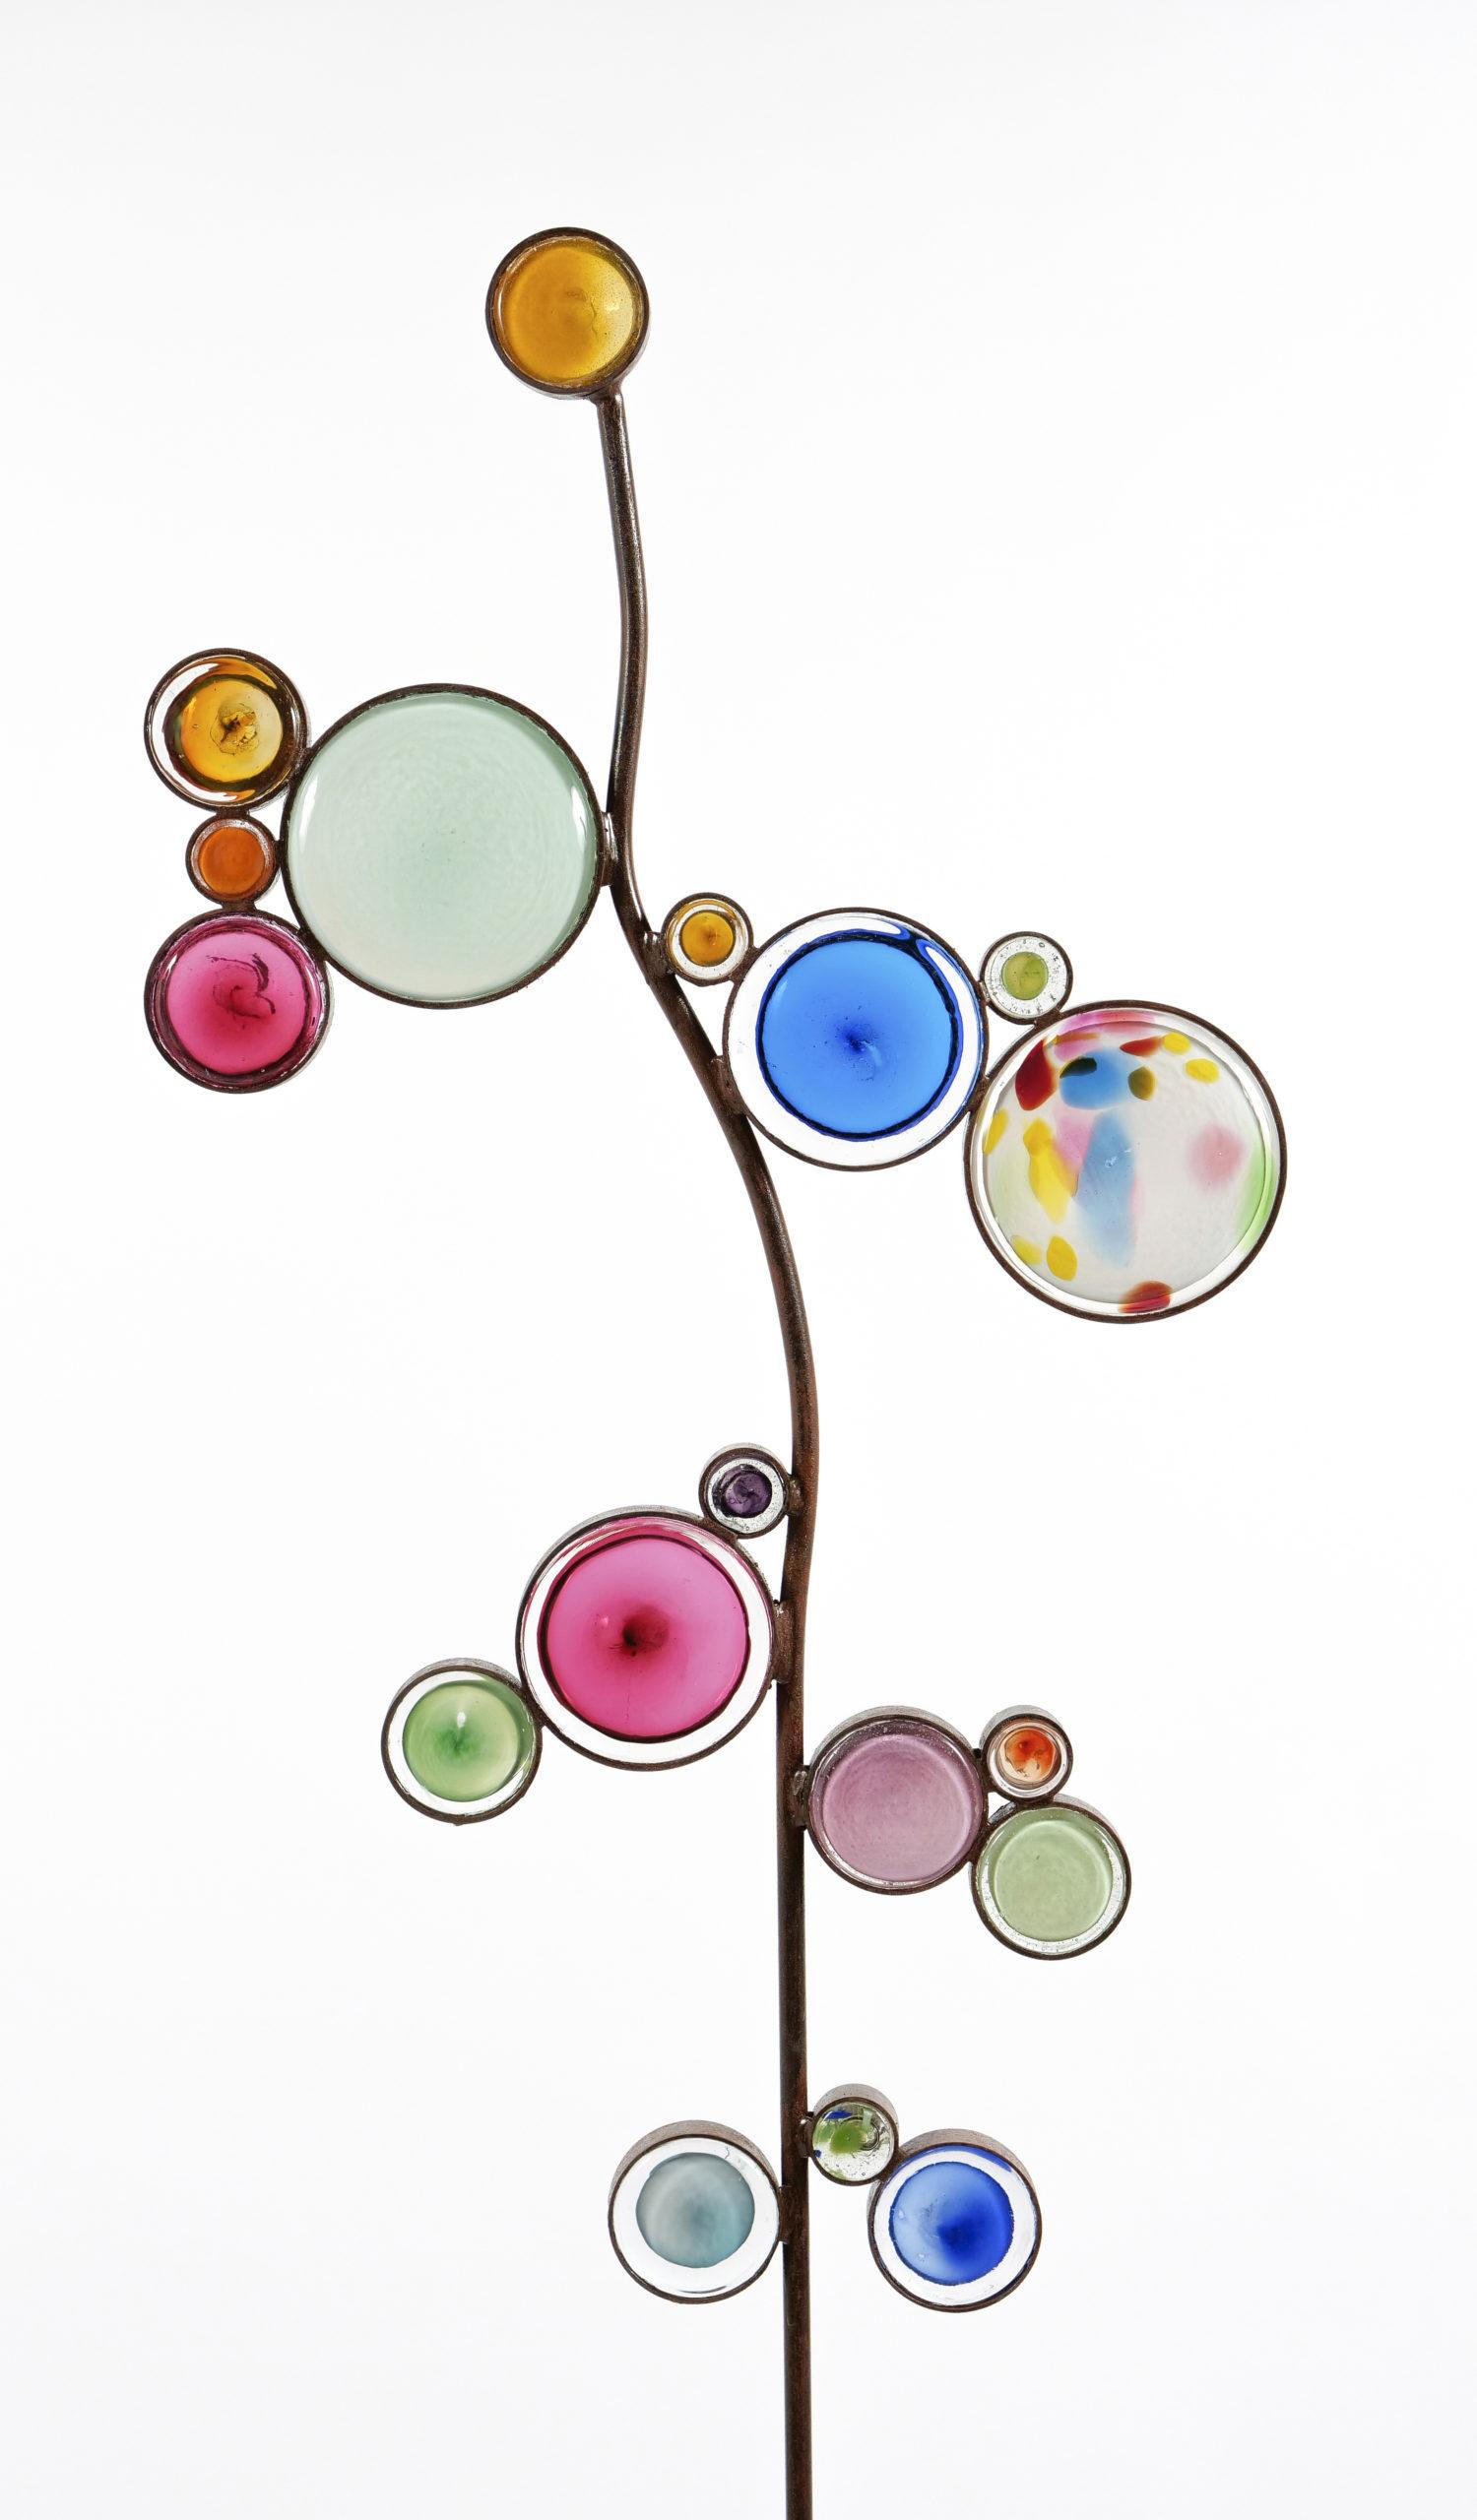 Entêtée Fleur sauvage Fabienne Picaud, verre